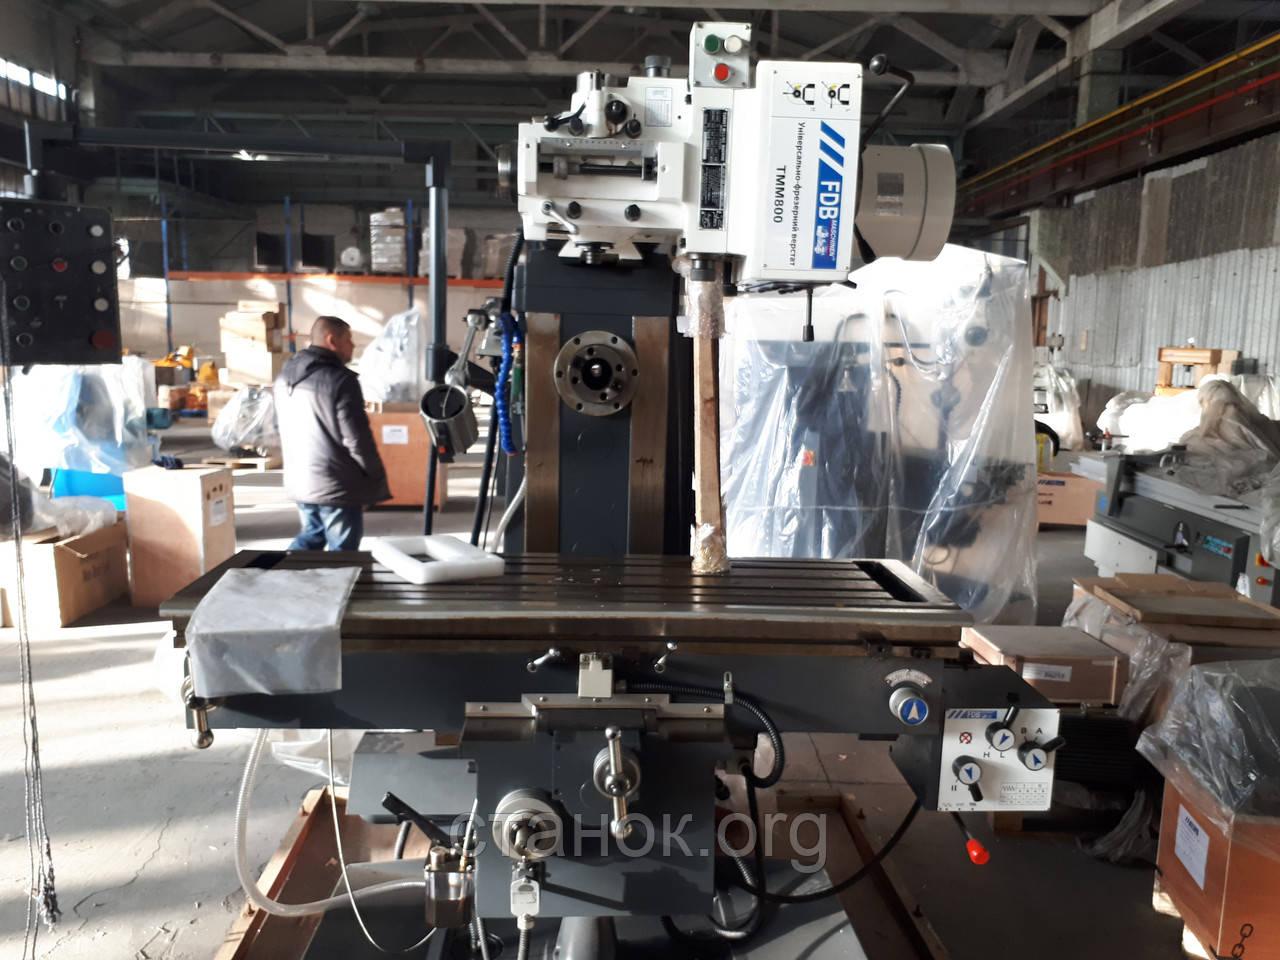 FDB Maschinen TMM 800 широкоуниверсальный консольно гор-вертикально-фрезерный станок по металлу фдб тмм